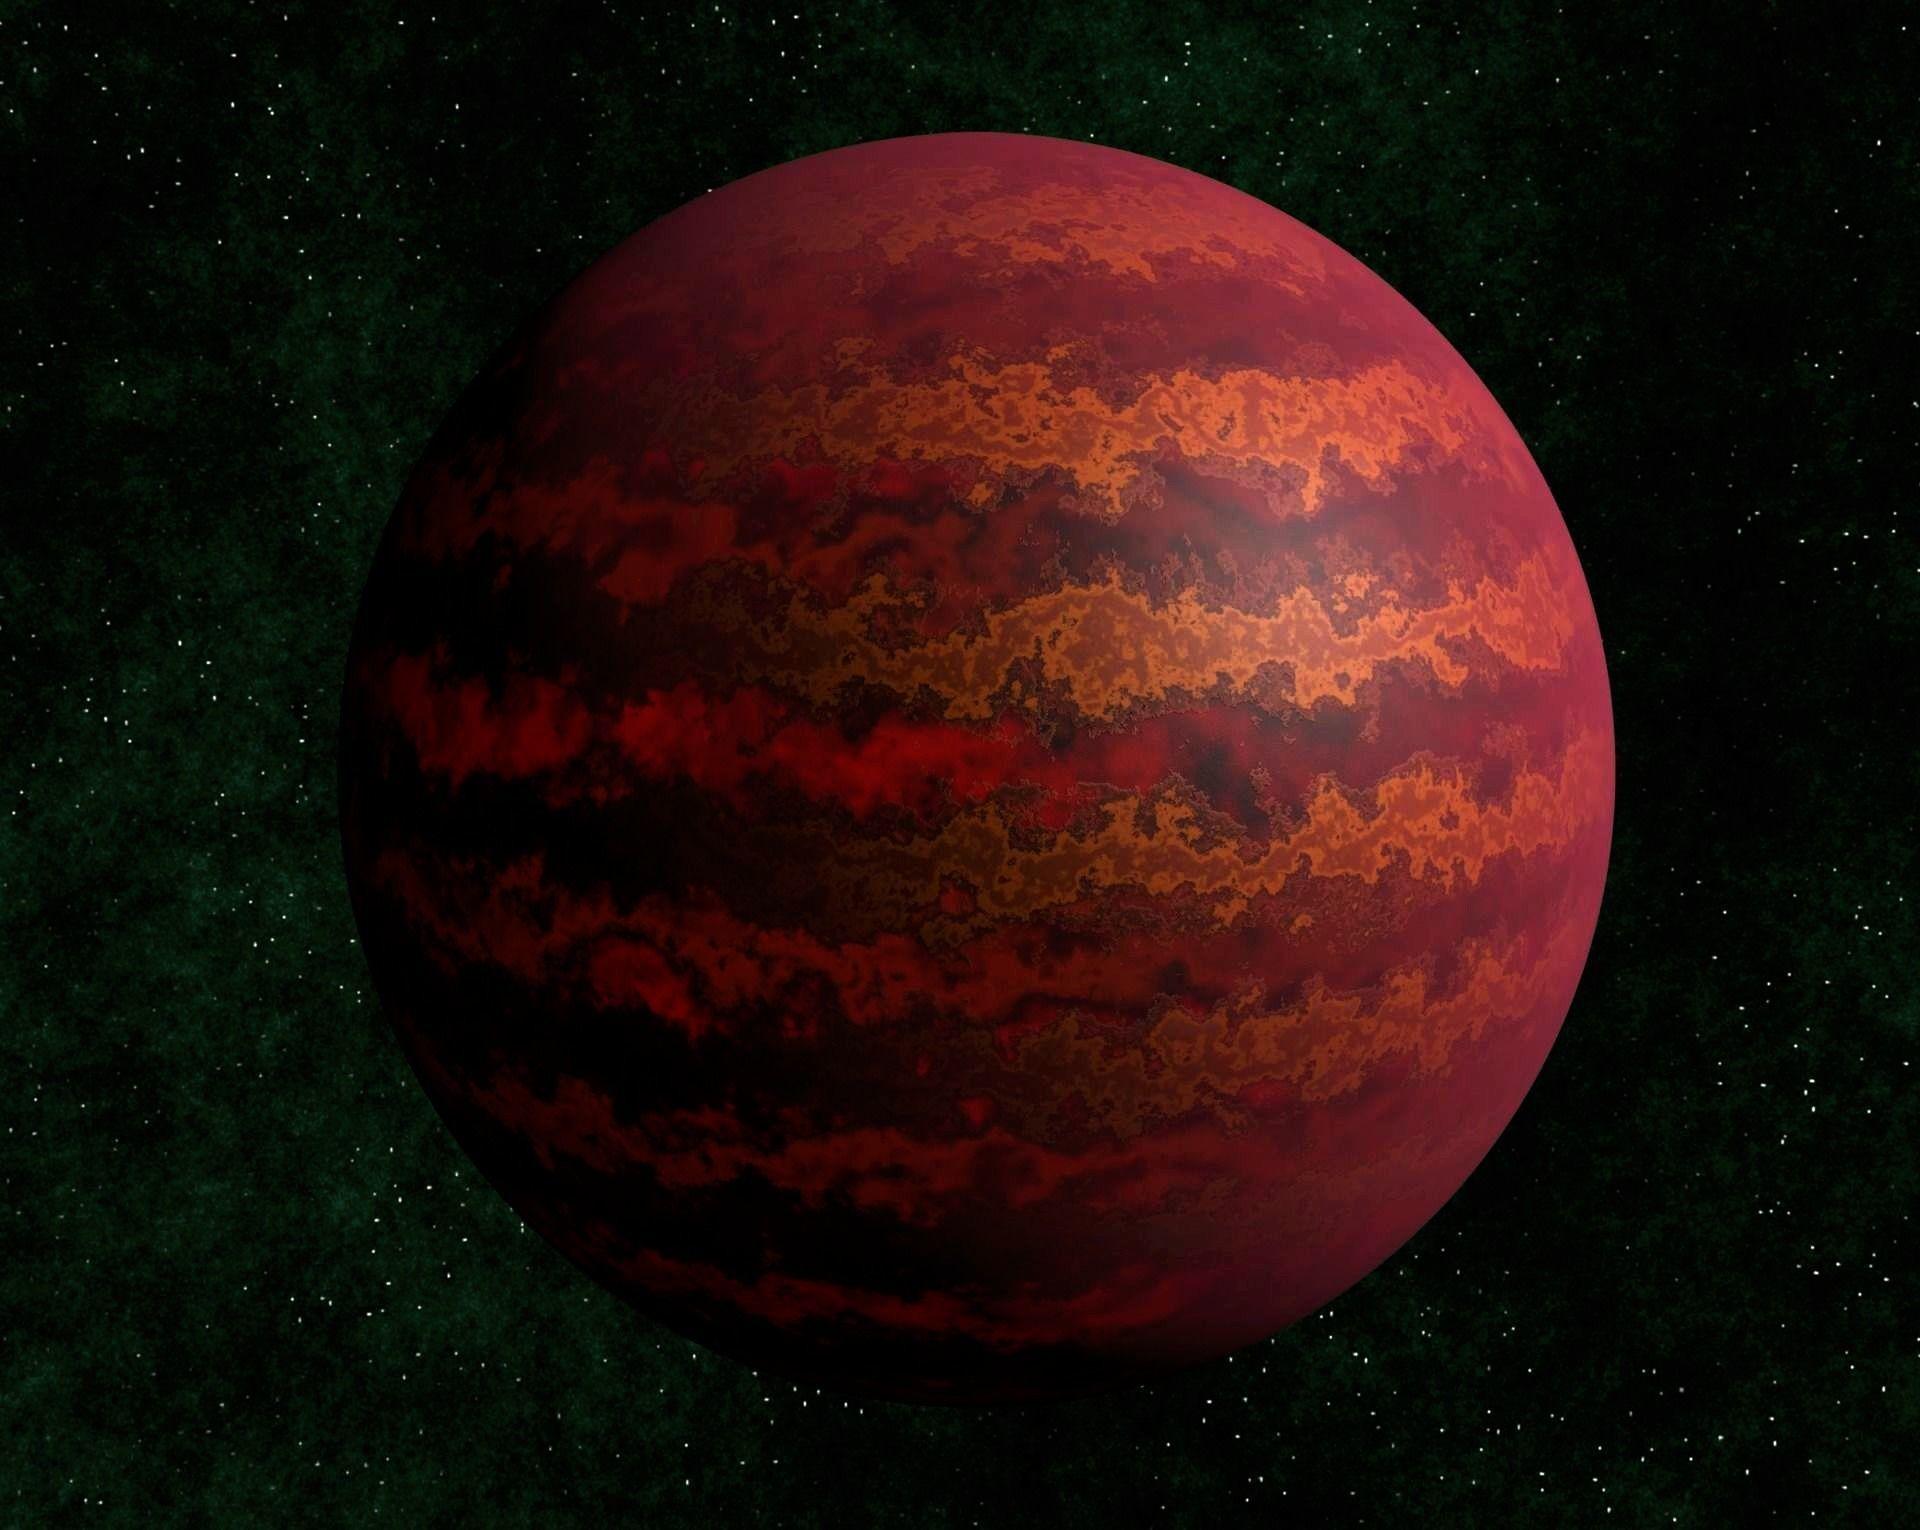 Brown dwarf star 1